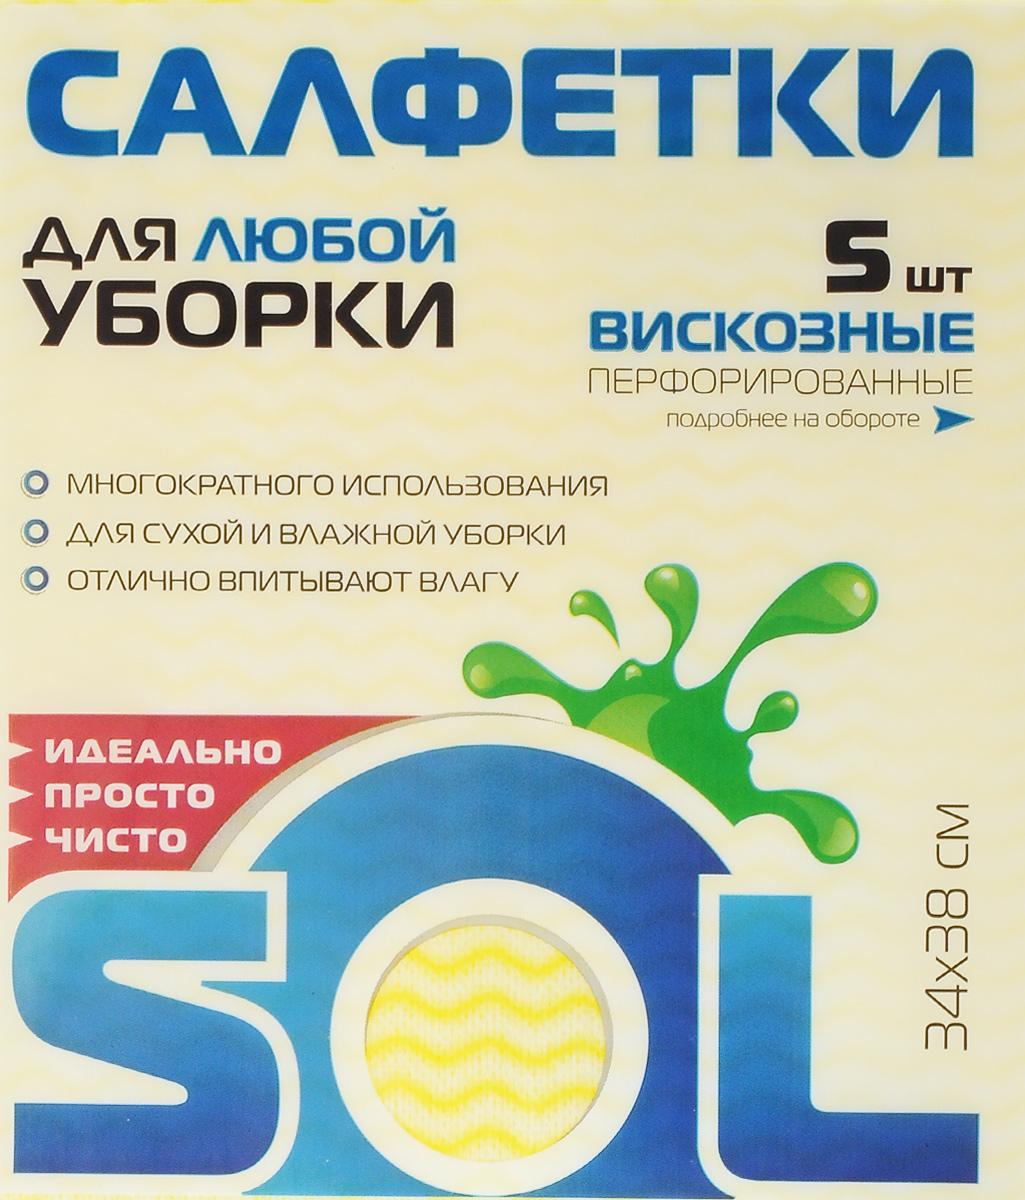 Салфетка для уборки Sol, из вискозы, перфорированная, цвет: желтый, 34 x 38 см, 5 шт10005/10053_желтый (новый дизайн упаковки)Перфорированные салфетки Sol, выполненные из вискозы, предназначены для сухой и влажной уборки и могут применяться с различными моющими средствами. Благодаря перфорации салфетка быстро высыхает, что позволяет избежать возникновения неприятных запахов. Отлично подходит для полировки различных поверхностей, не оставляет разводов и ворсинок, хорошо впитывает влагу. Рекомендации по уходу: Для обеспечения гигиеничности уборки после применения прополоскать в теплой воде. Для продления срока службы не применять машинную стирку, не гладить и не кипятить.